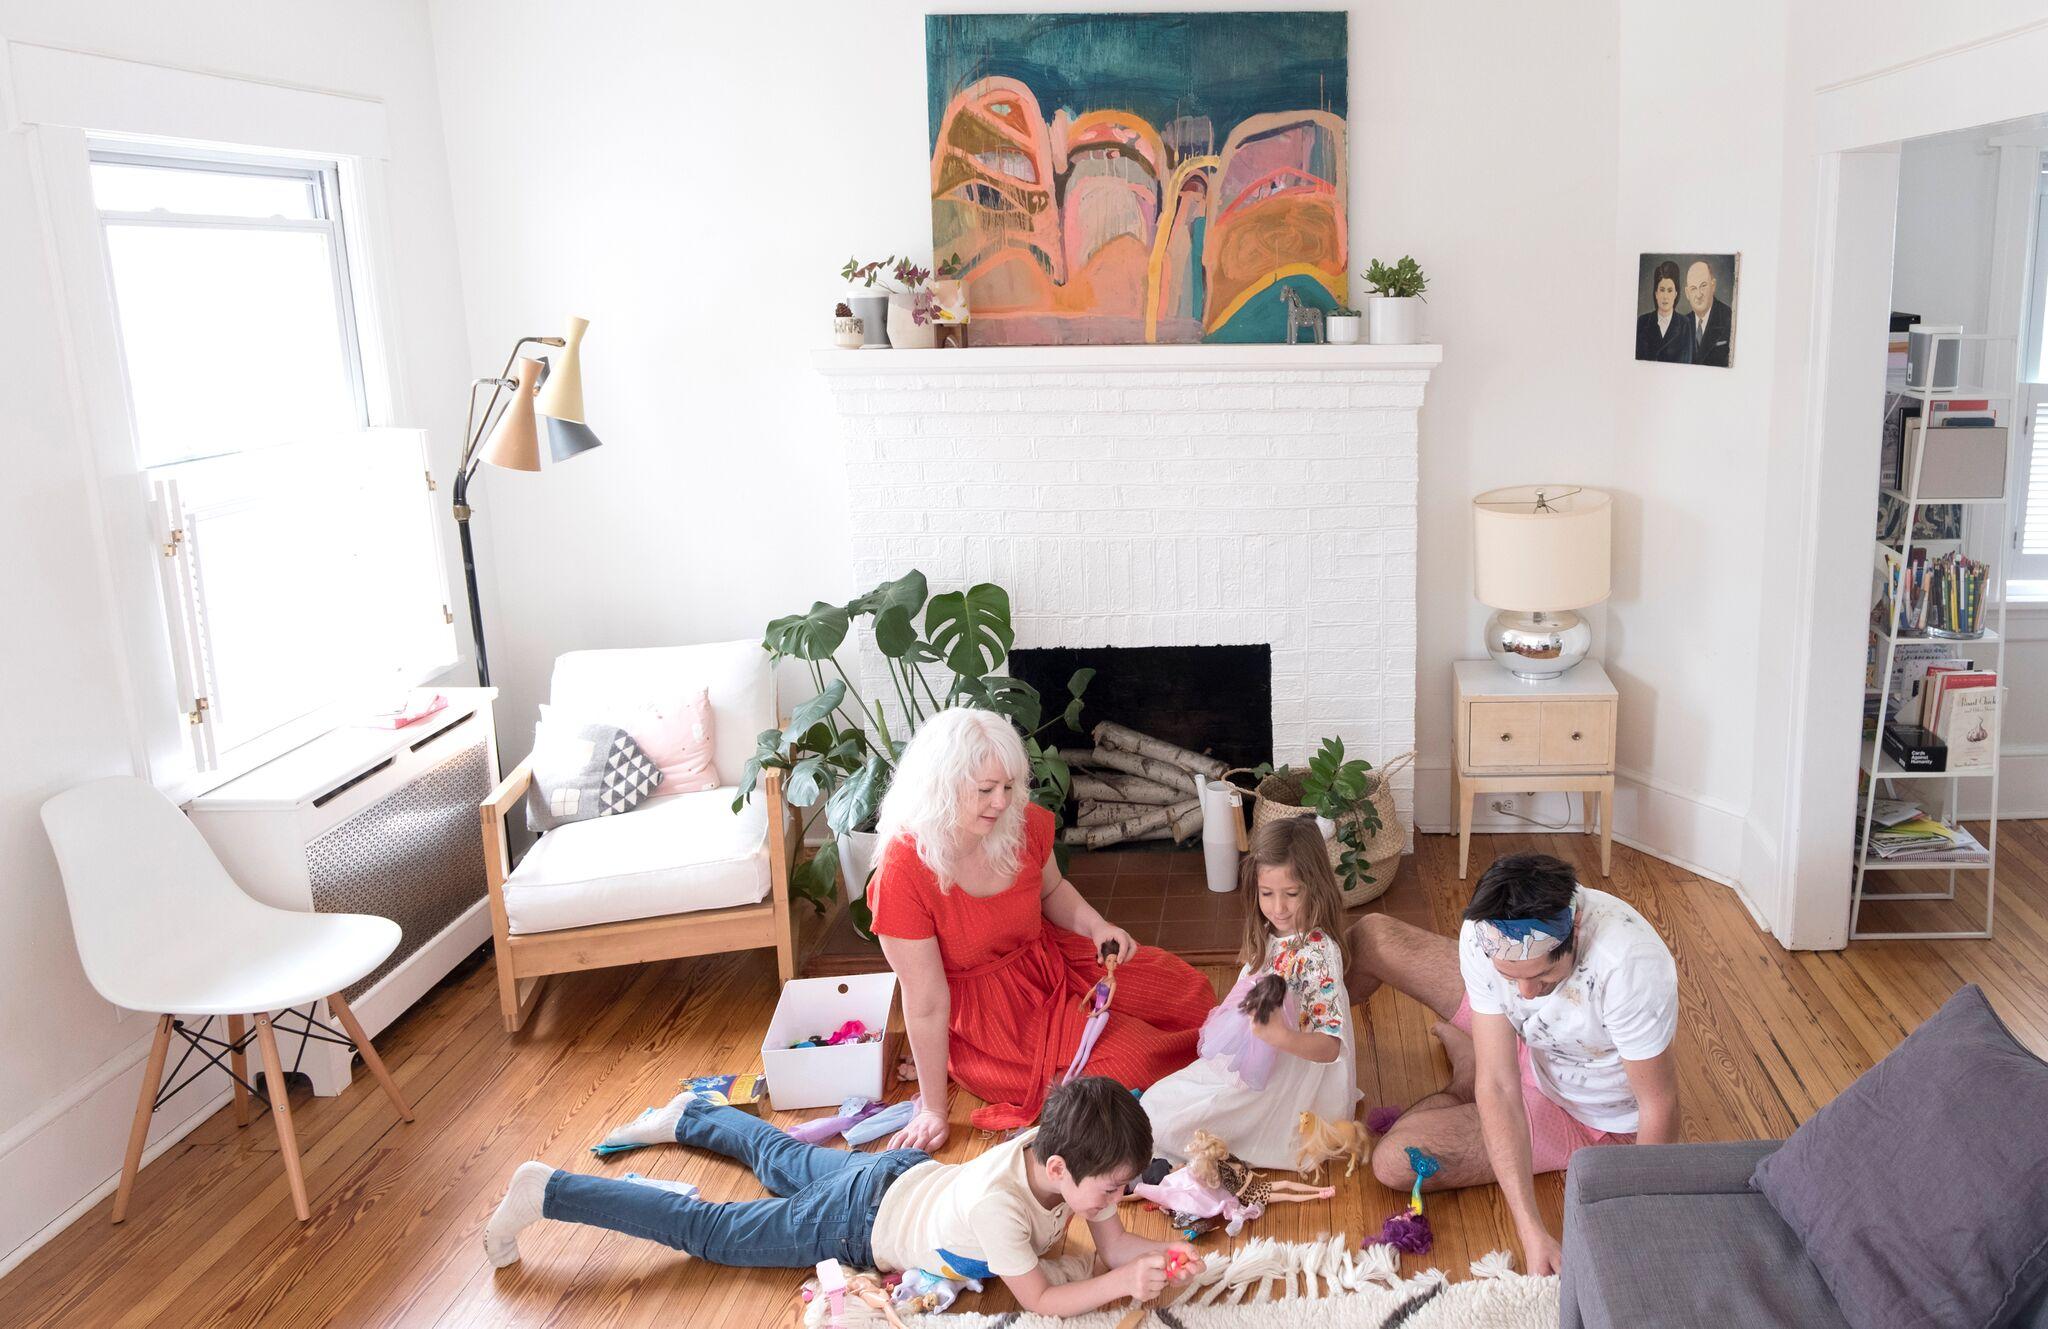 Raising kids in New York City